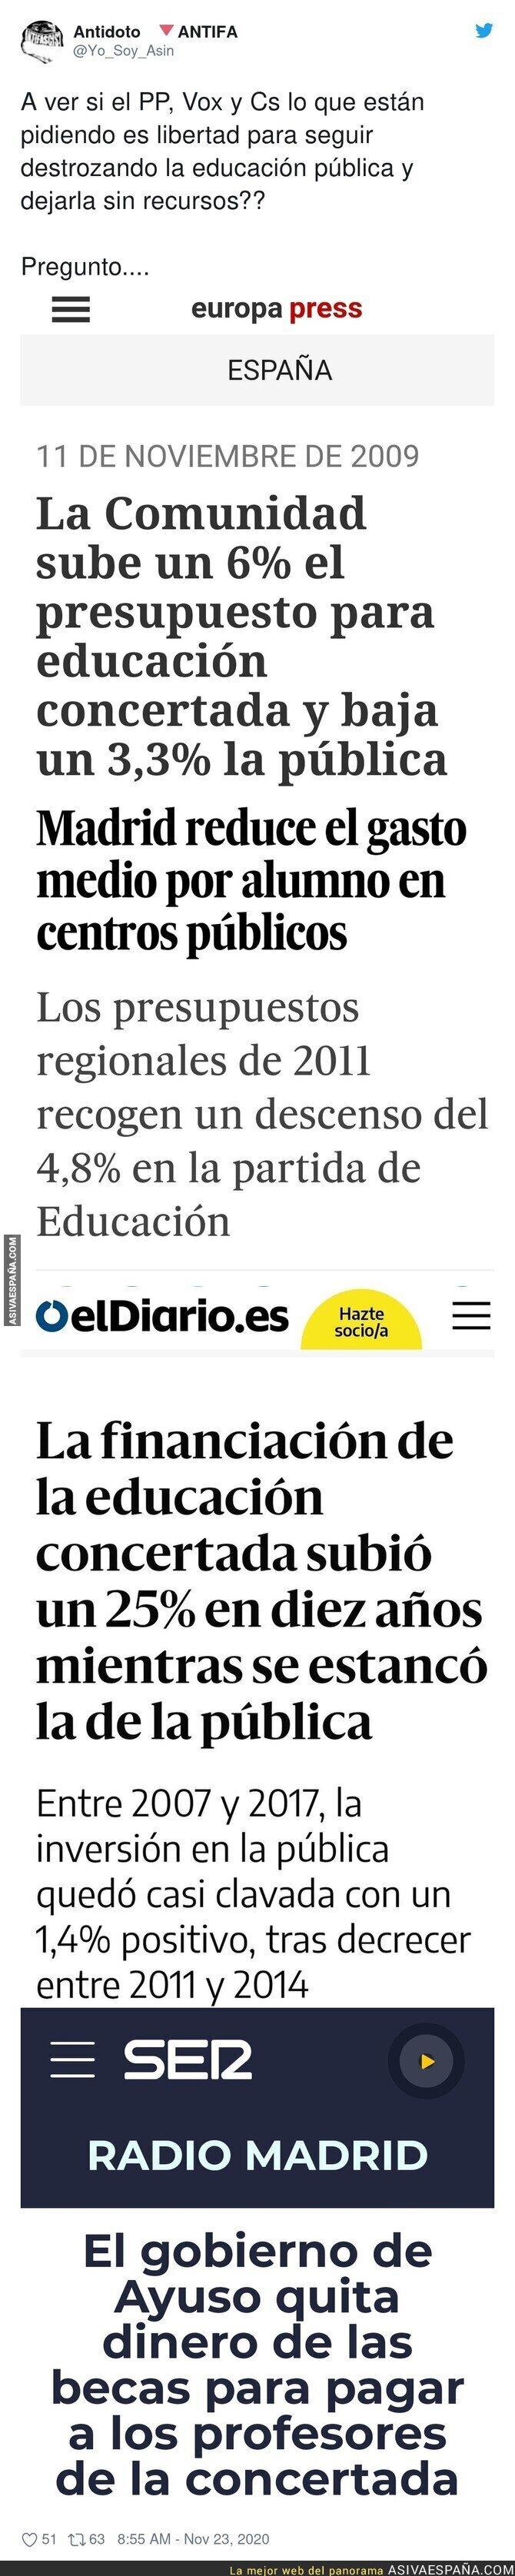 478742 - Los planes de la Comunidad de Madrid